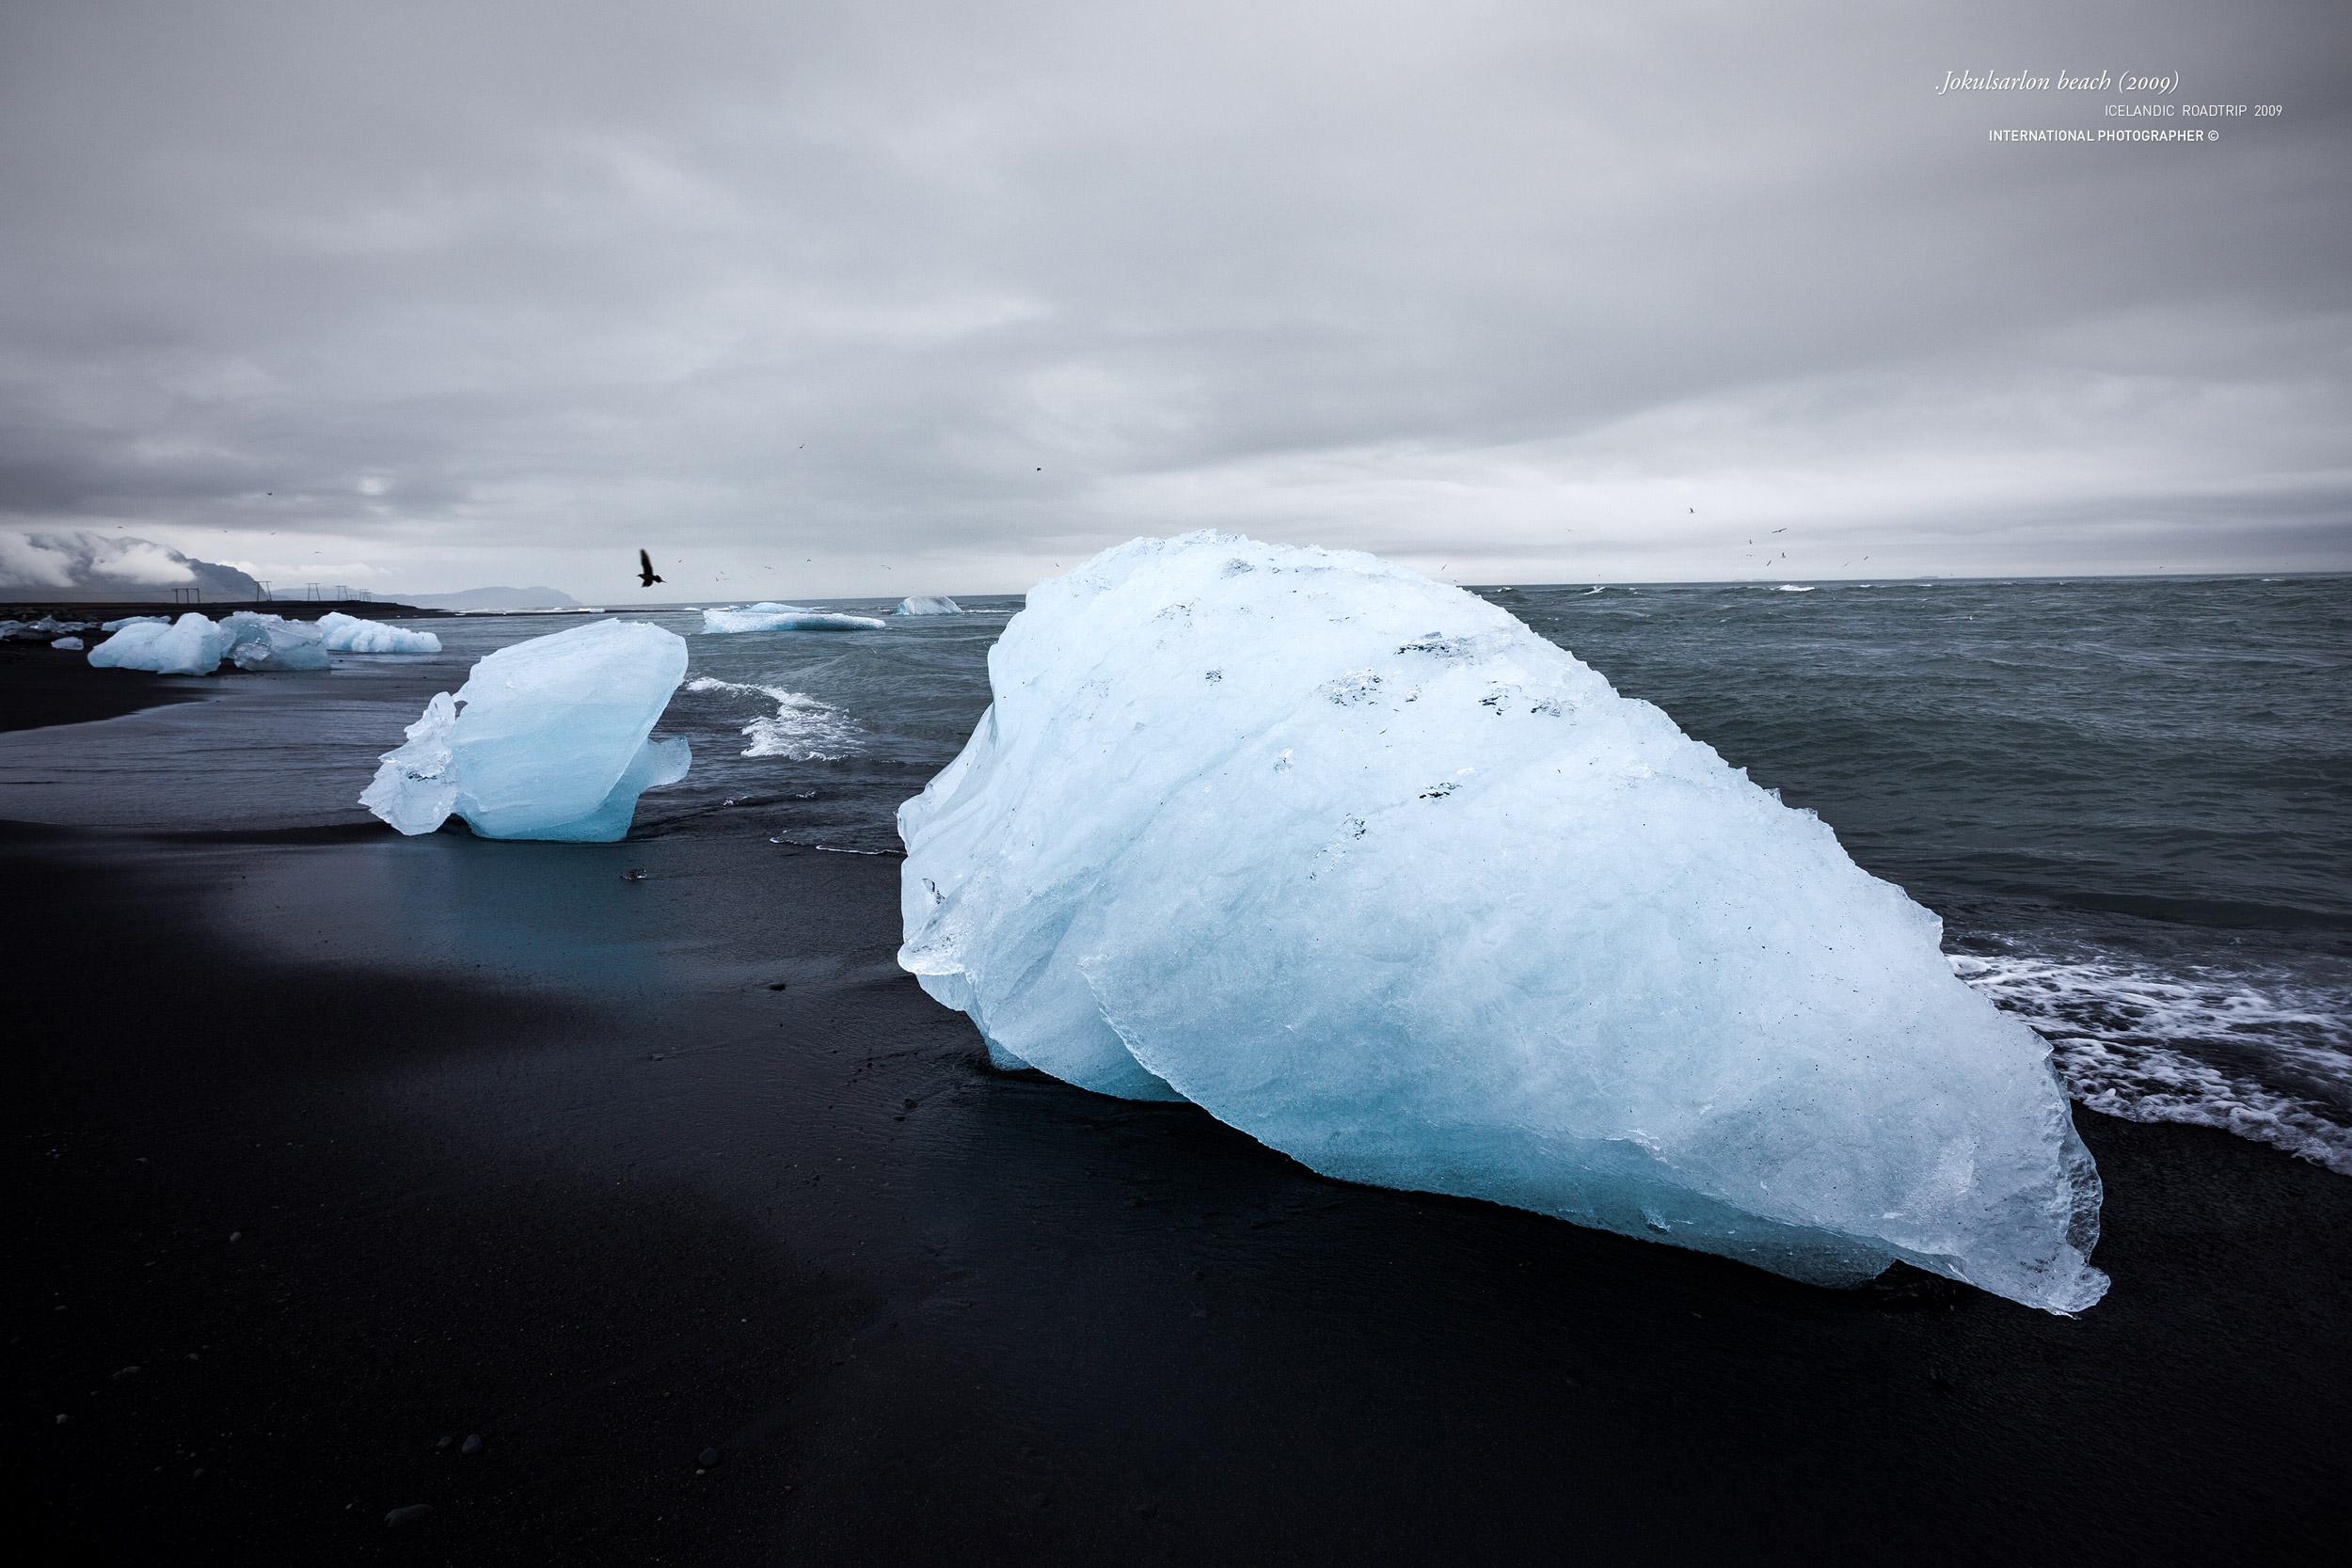 La glace sur la plage noire du Jokulsarlon